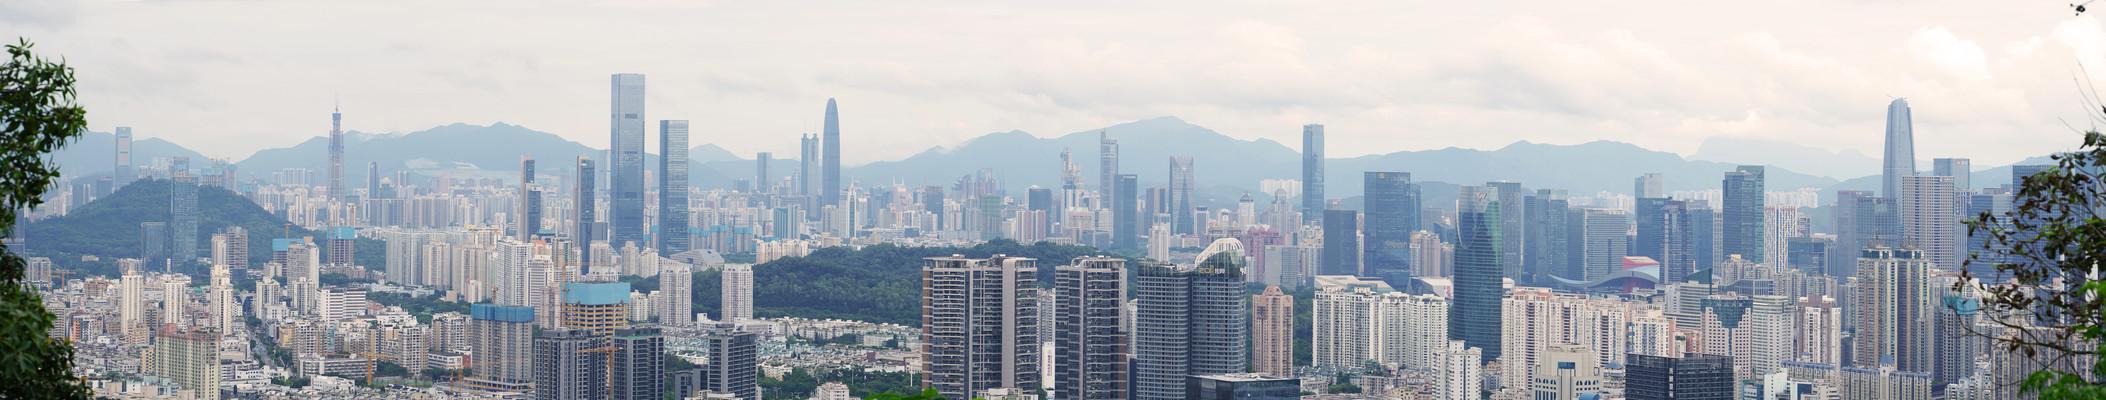 深圳高楼超宽图片